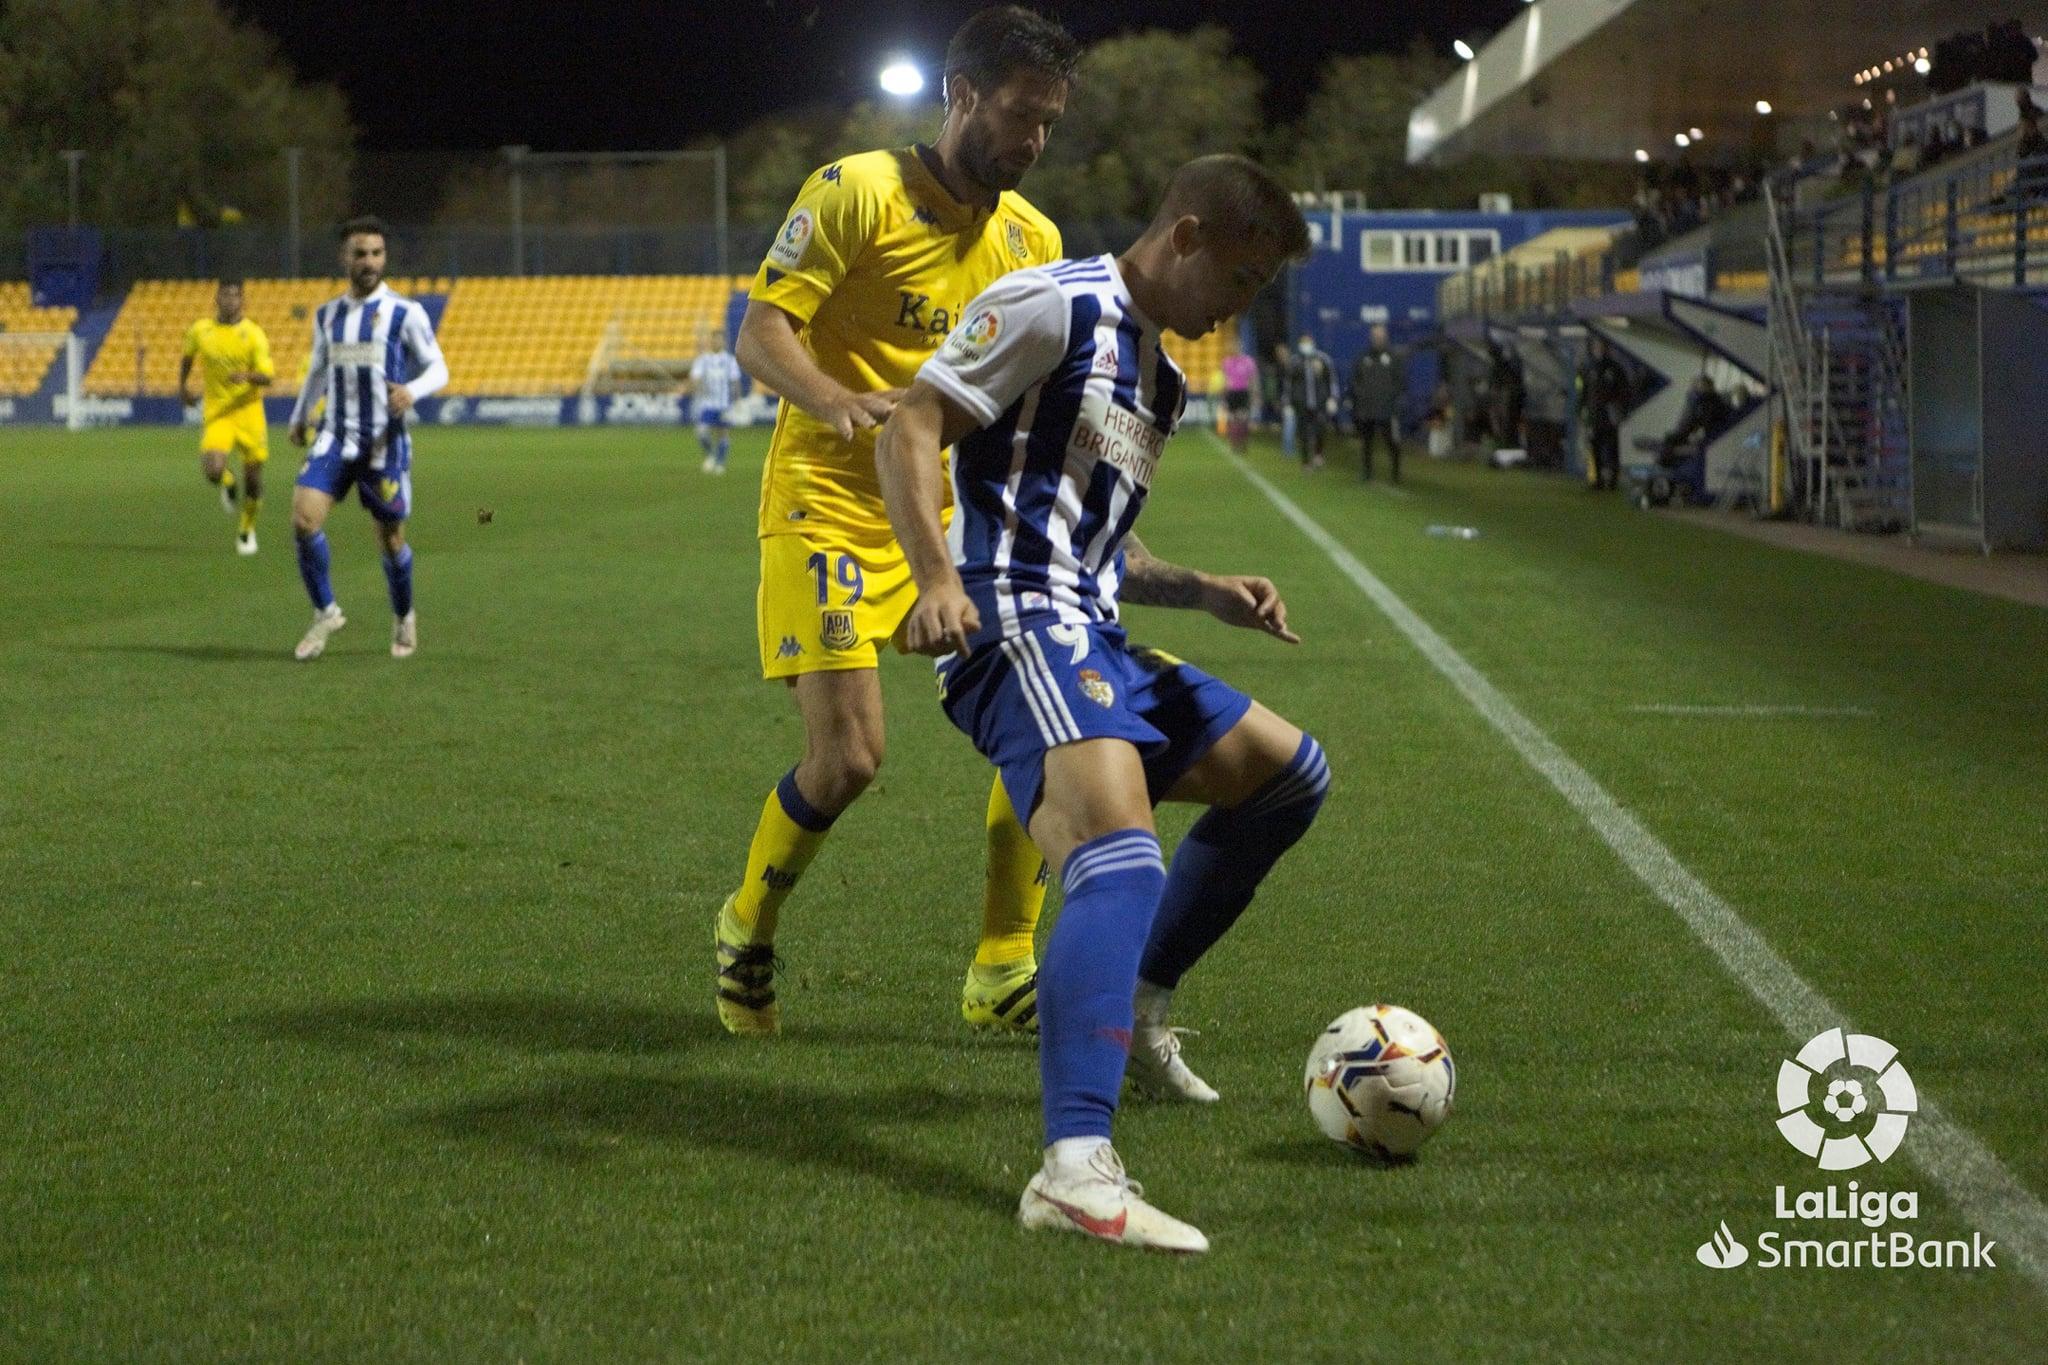 La Ponferradina se lleva los tres puntos en el Santo Domingo en un soporífero partido (1-0) 15